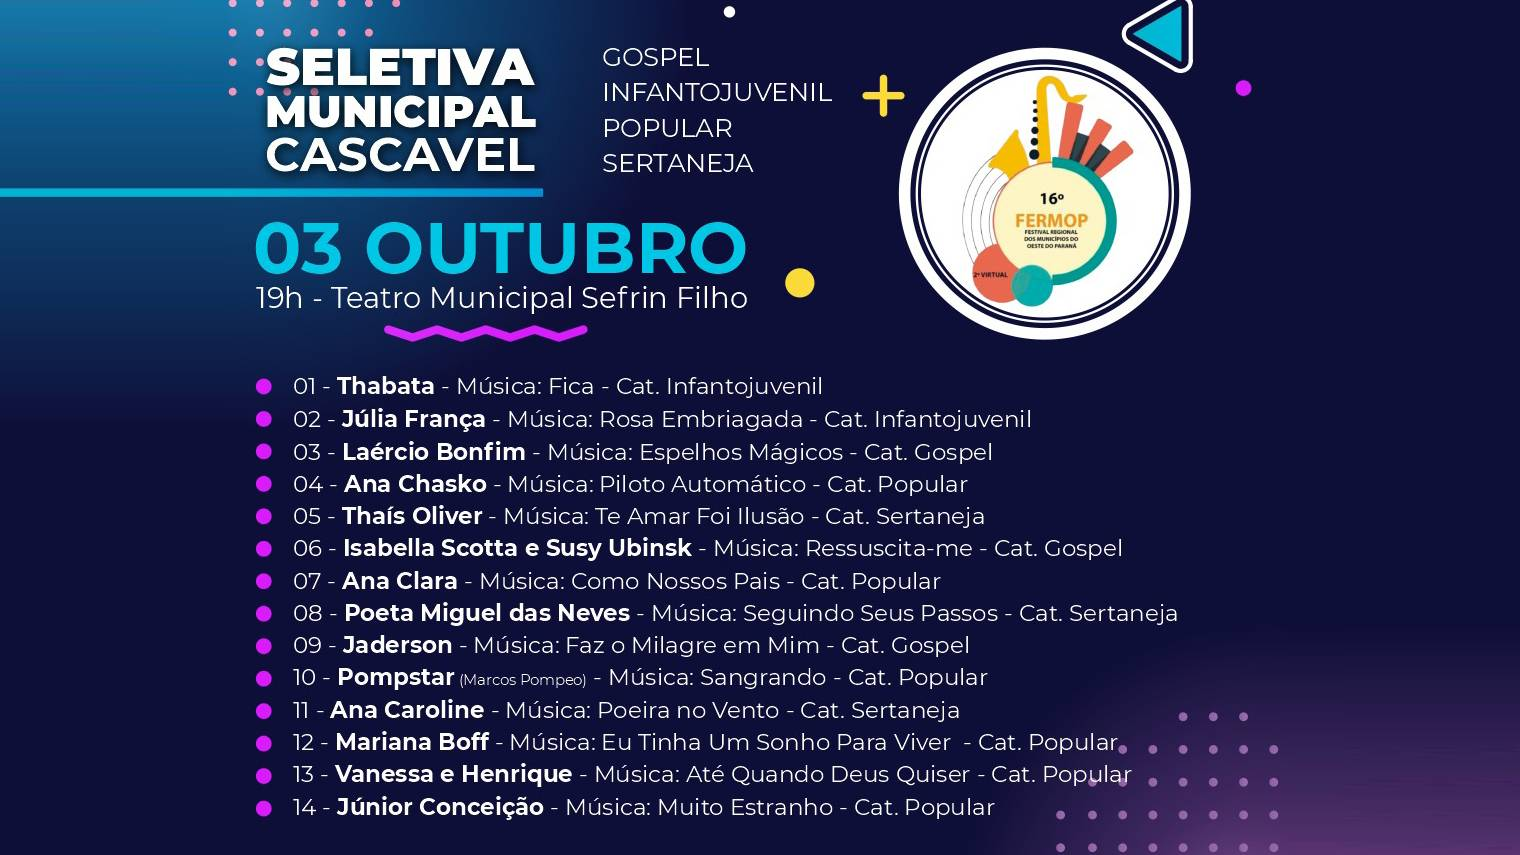 Fermop: Artistas se apresentam na seletiva municipal de Cascavel